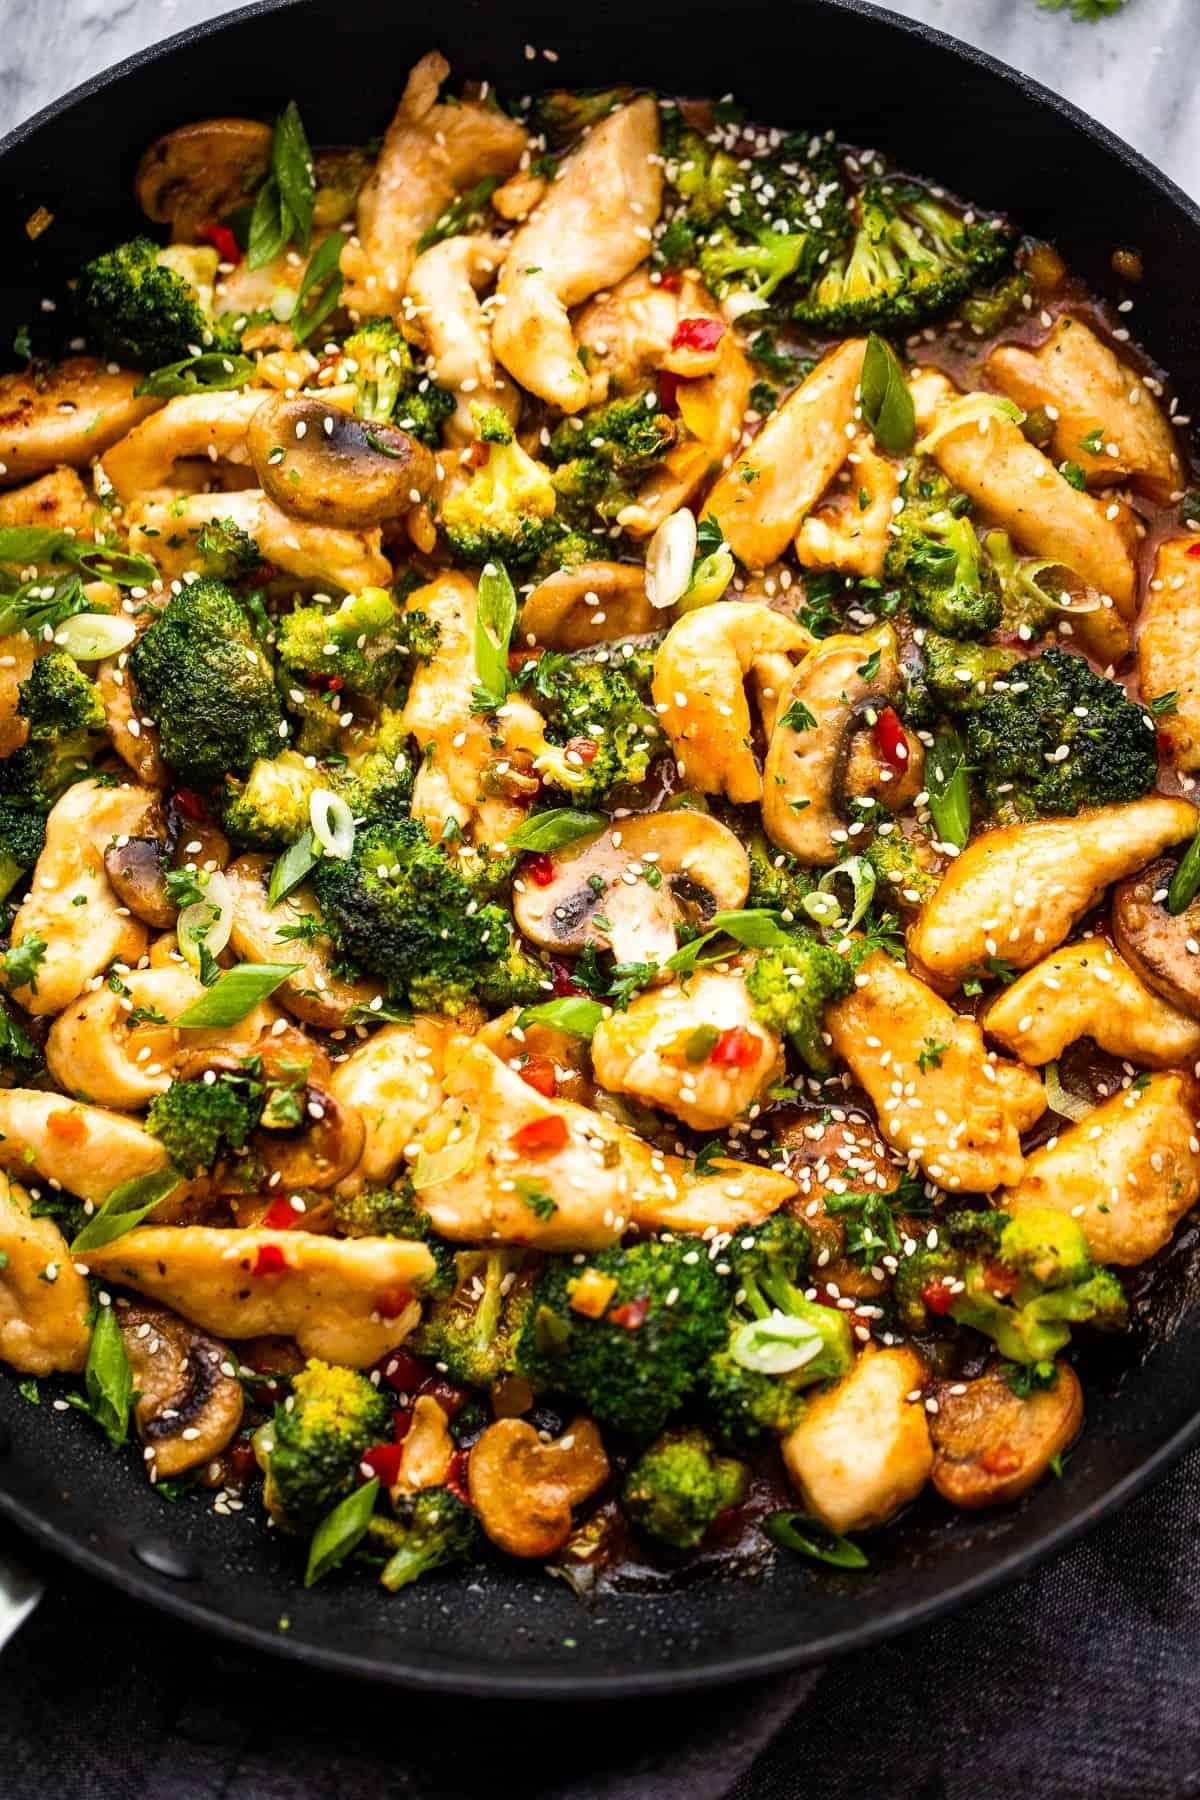 csirke hunan előkészítése fekete serpenyőben